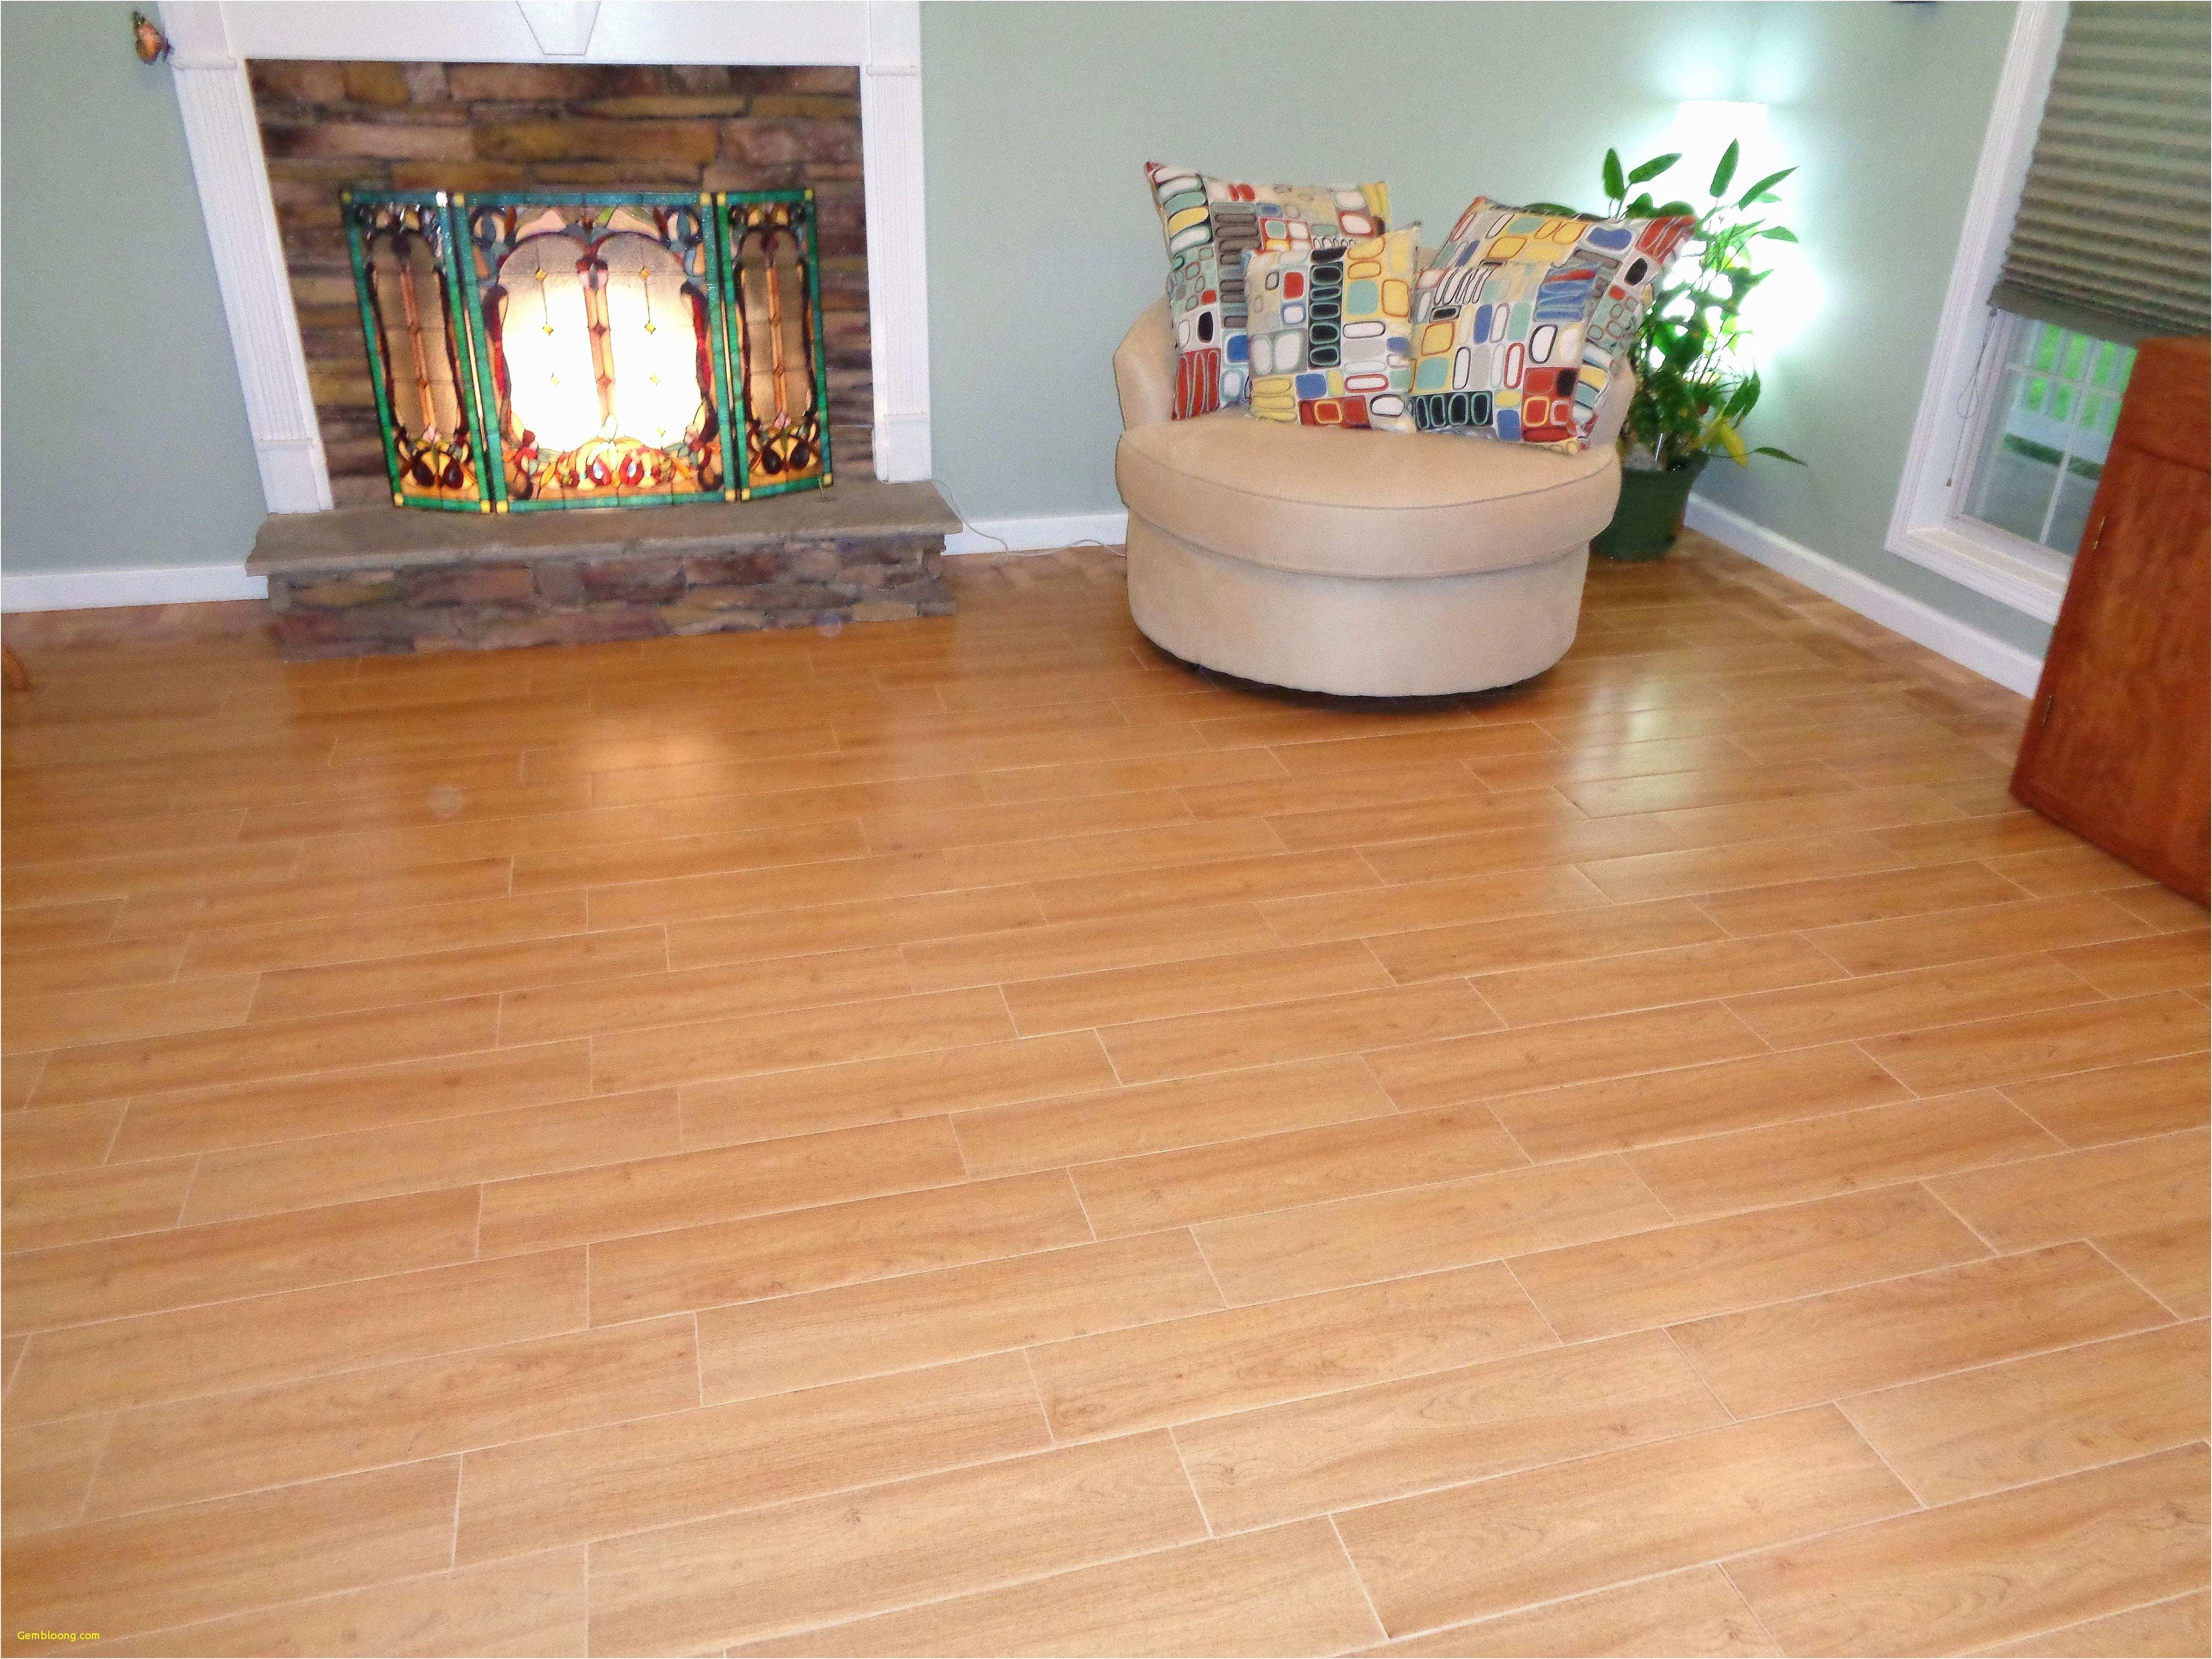 5 maple hardwood flooring of wood for floors facesinnature within discount laminate flooring laminate wood flooring sale best clearance flooring 0d unique